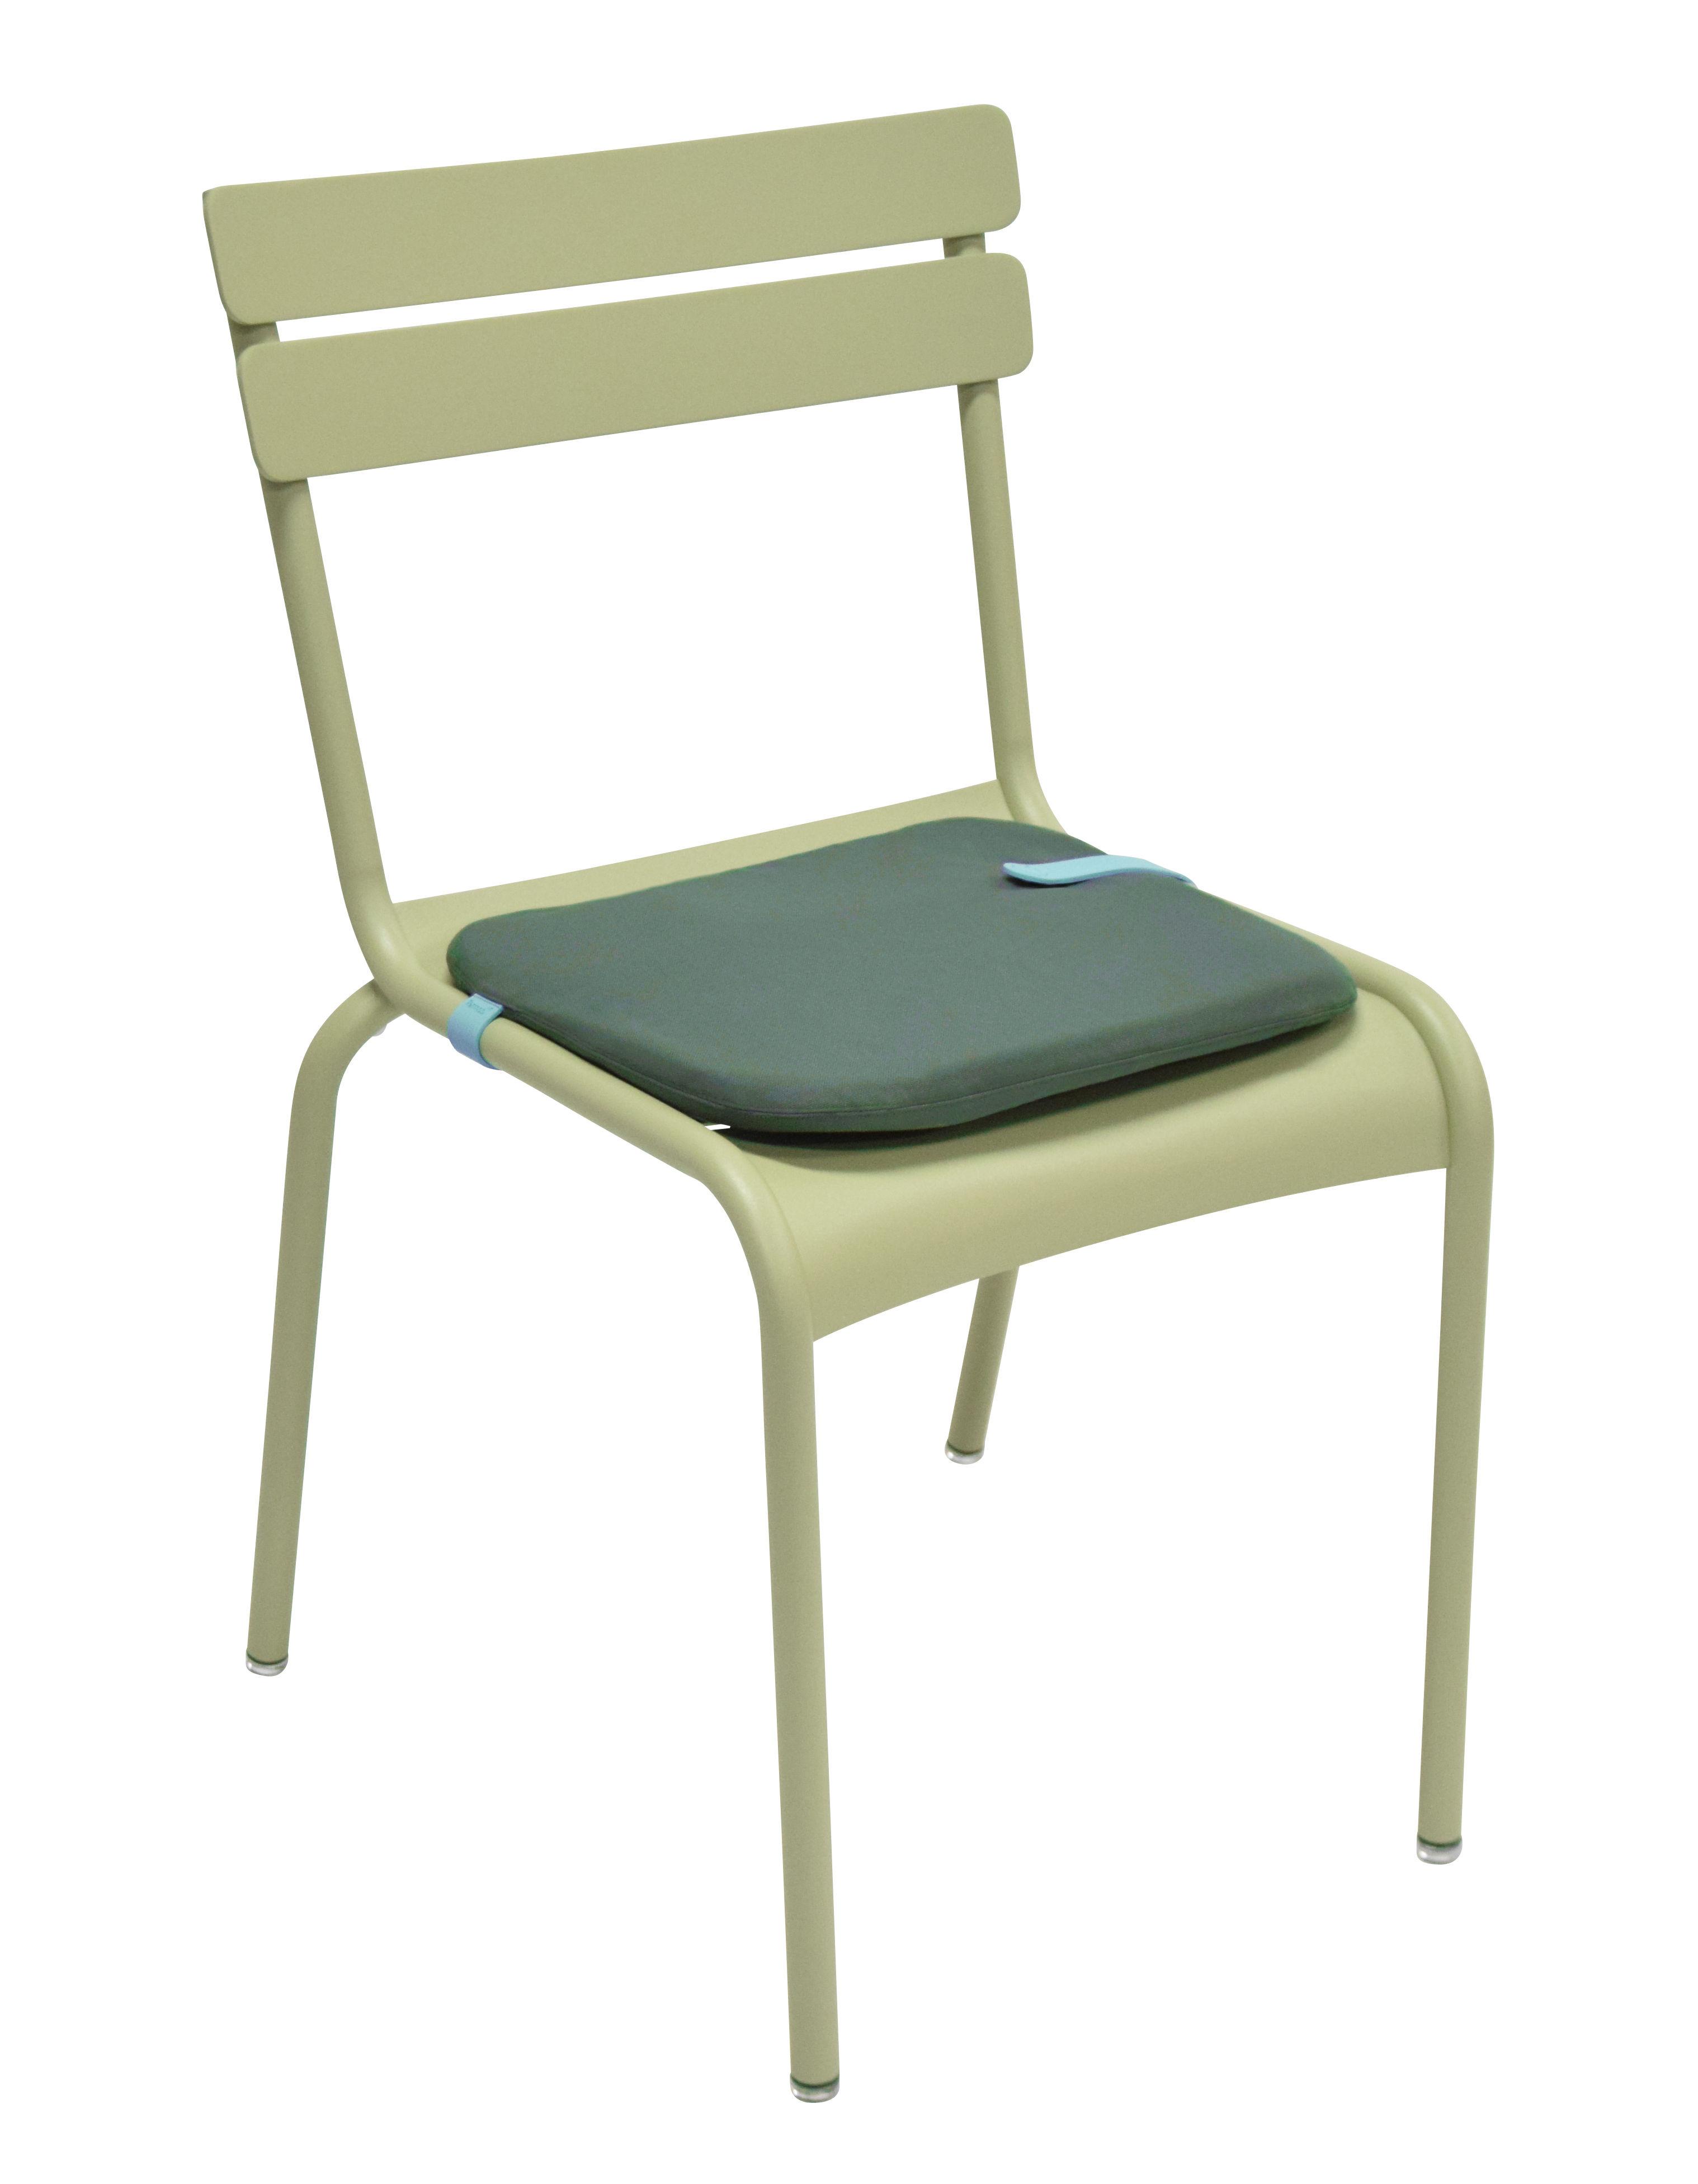 galette de chaise color mix 41 x 38 cm bleu goa sangle miel fermob. Black Bedroom Furniture Sets. Home Design Ideas